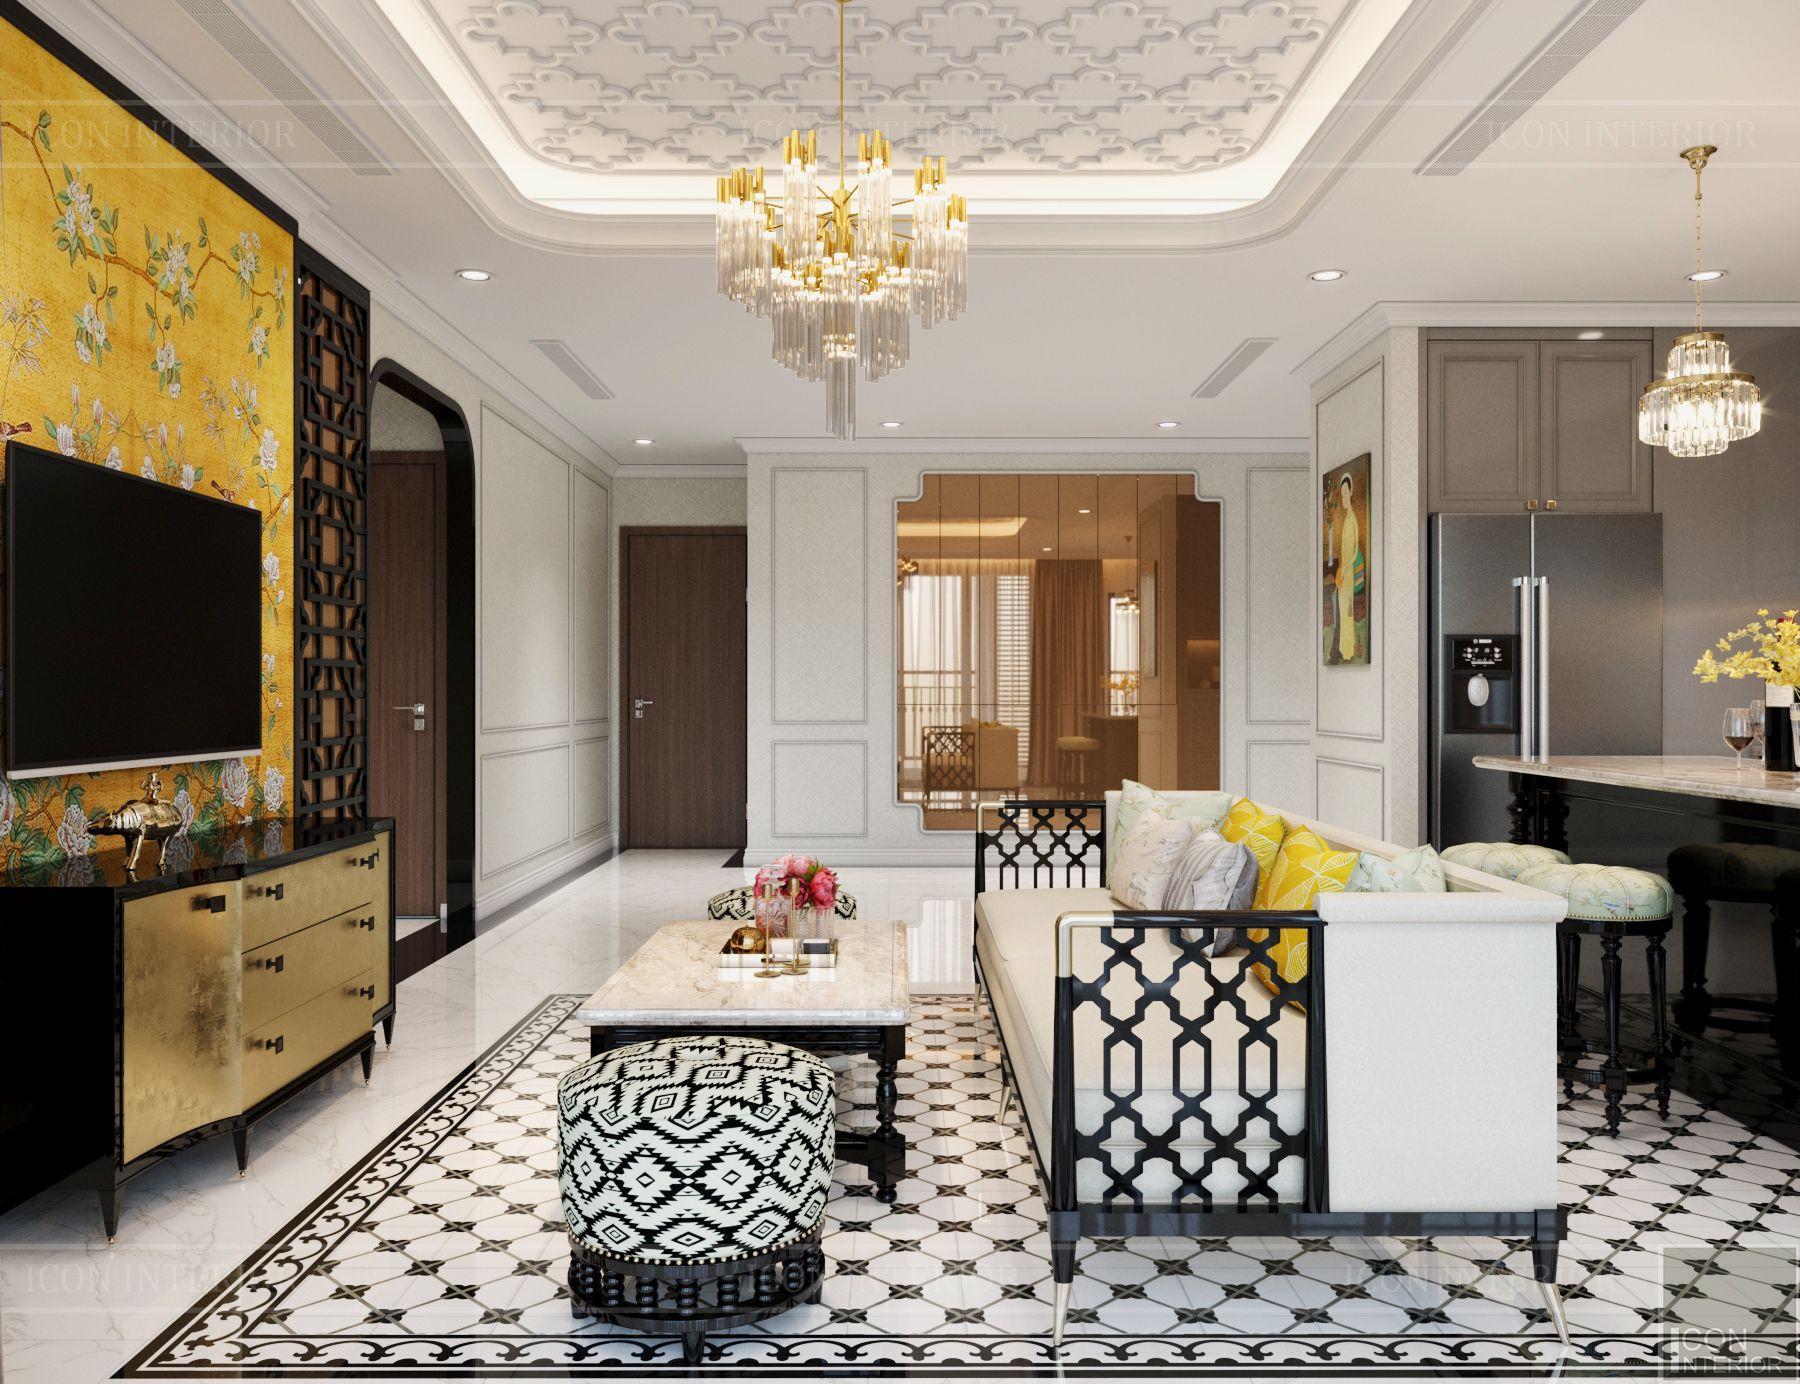 Thiết kế căn hộ Vinhomes Central Park 90m2 Chị Ngọc Ánh